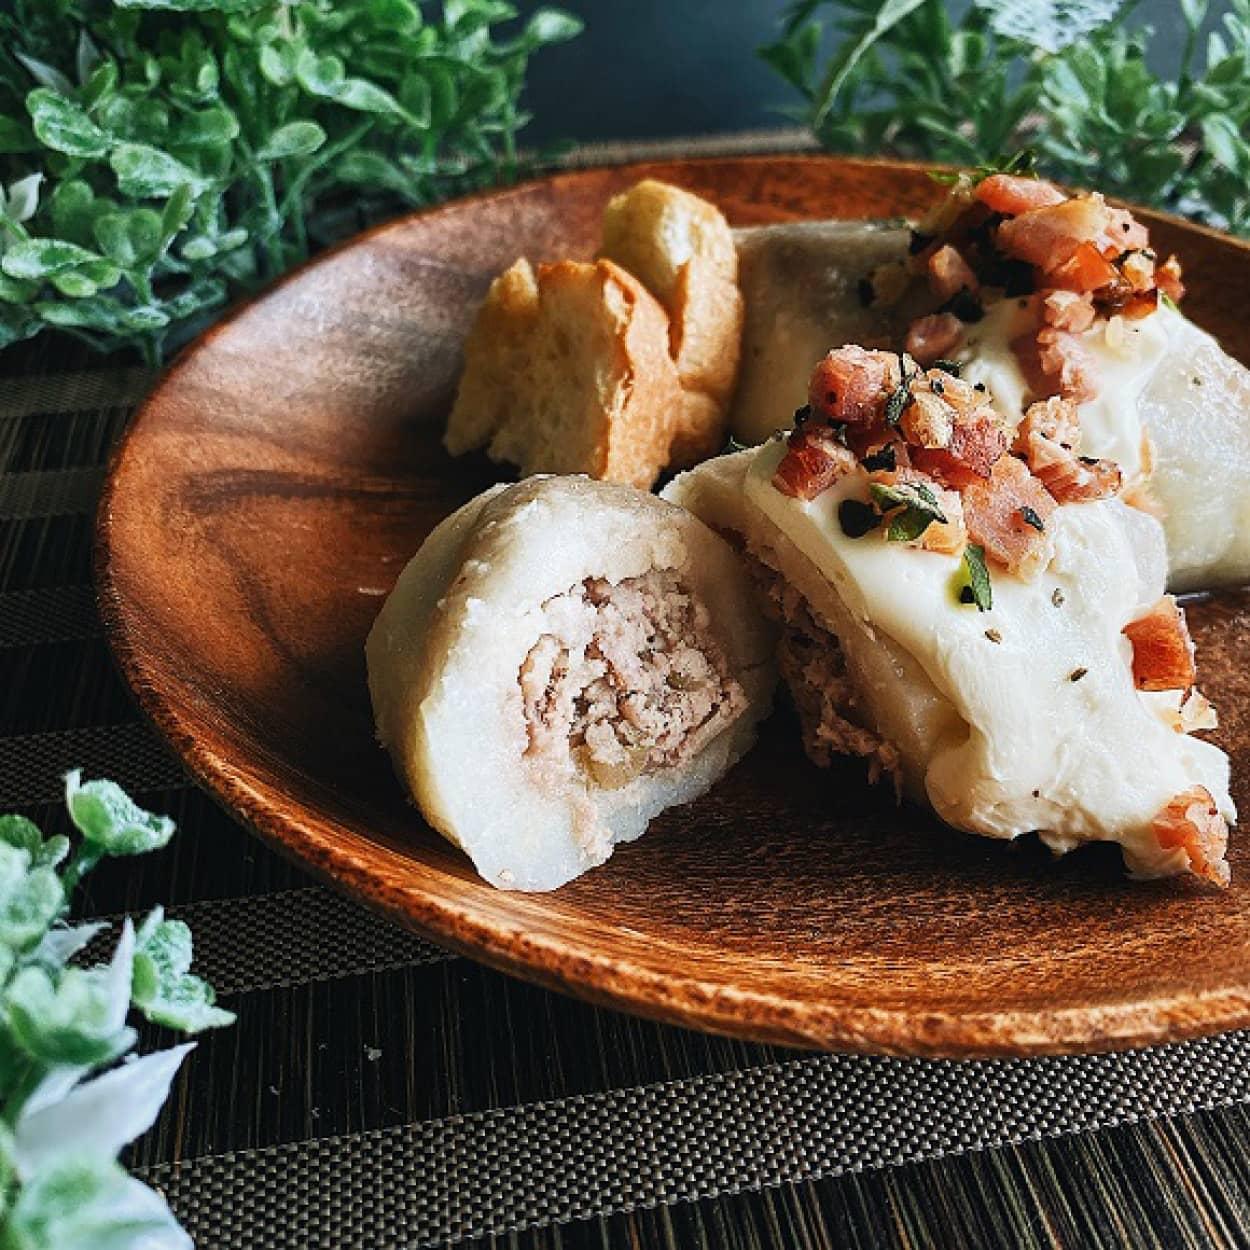 リトアニア伝統のジャガイモ料理「ツェペリナイ」の作り方